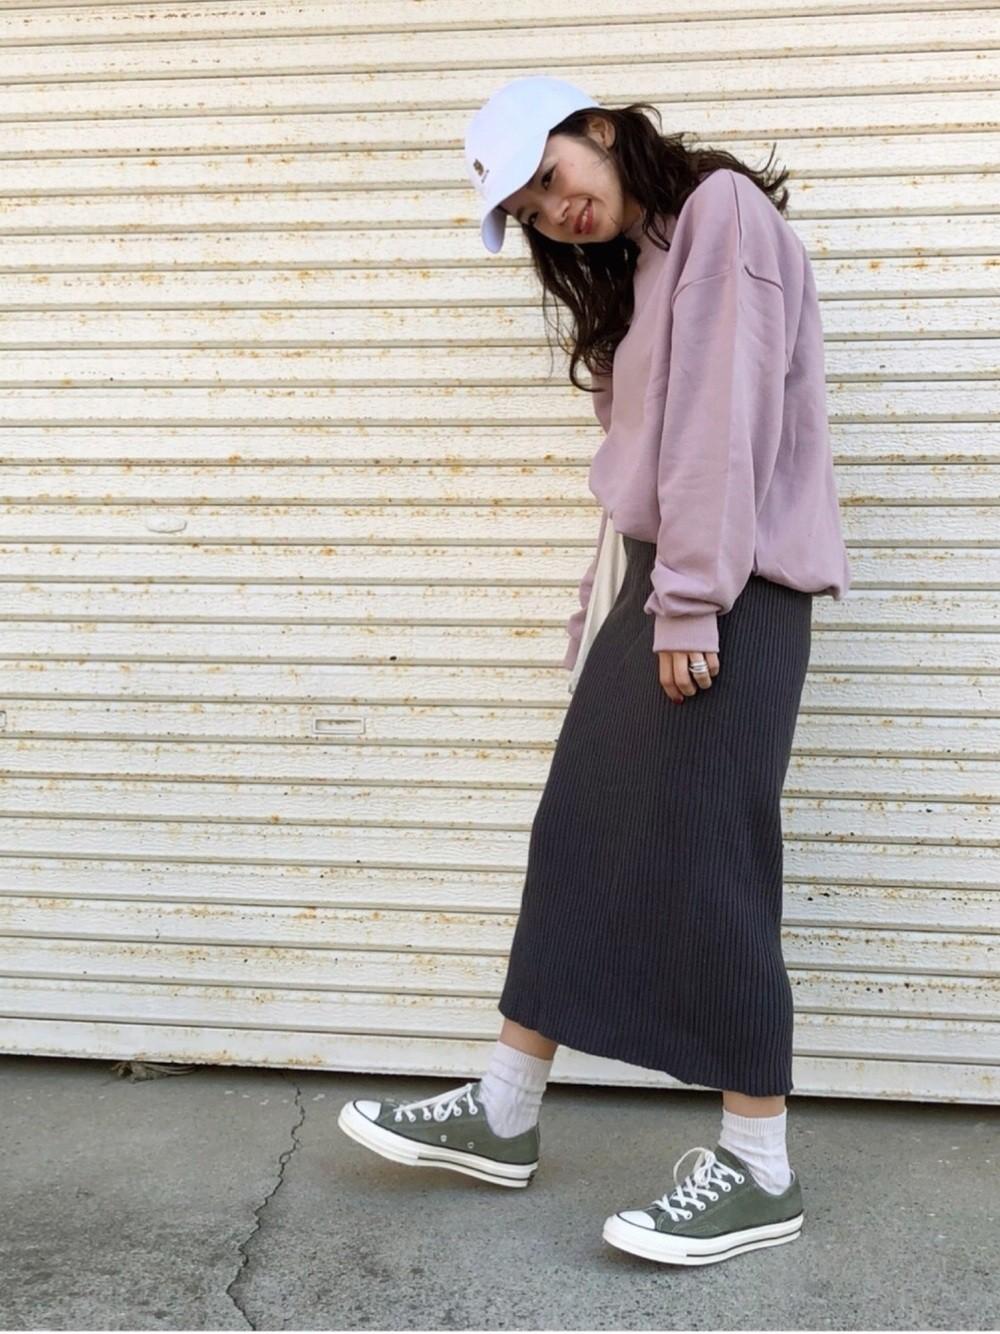 Tất tài không chỉ ấm và trendy mà còn dễ mix với đủ loại giày - Ảnh 9.